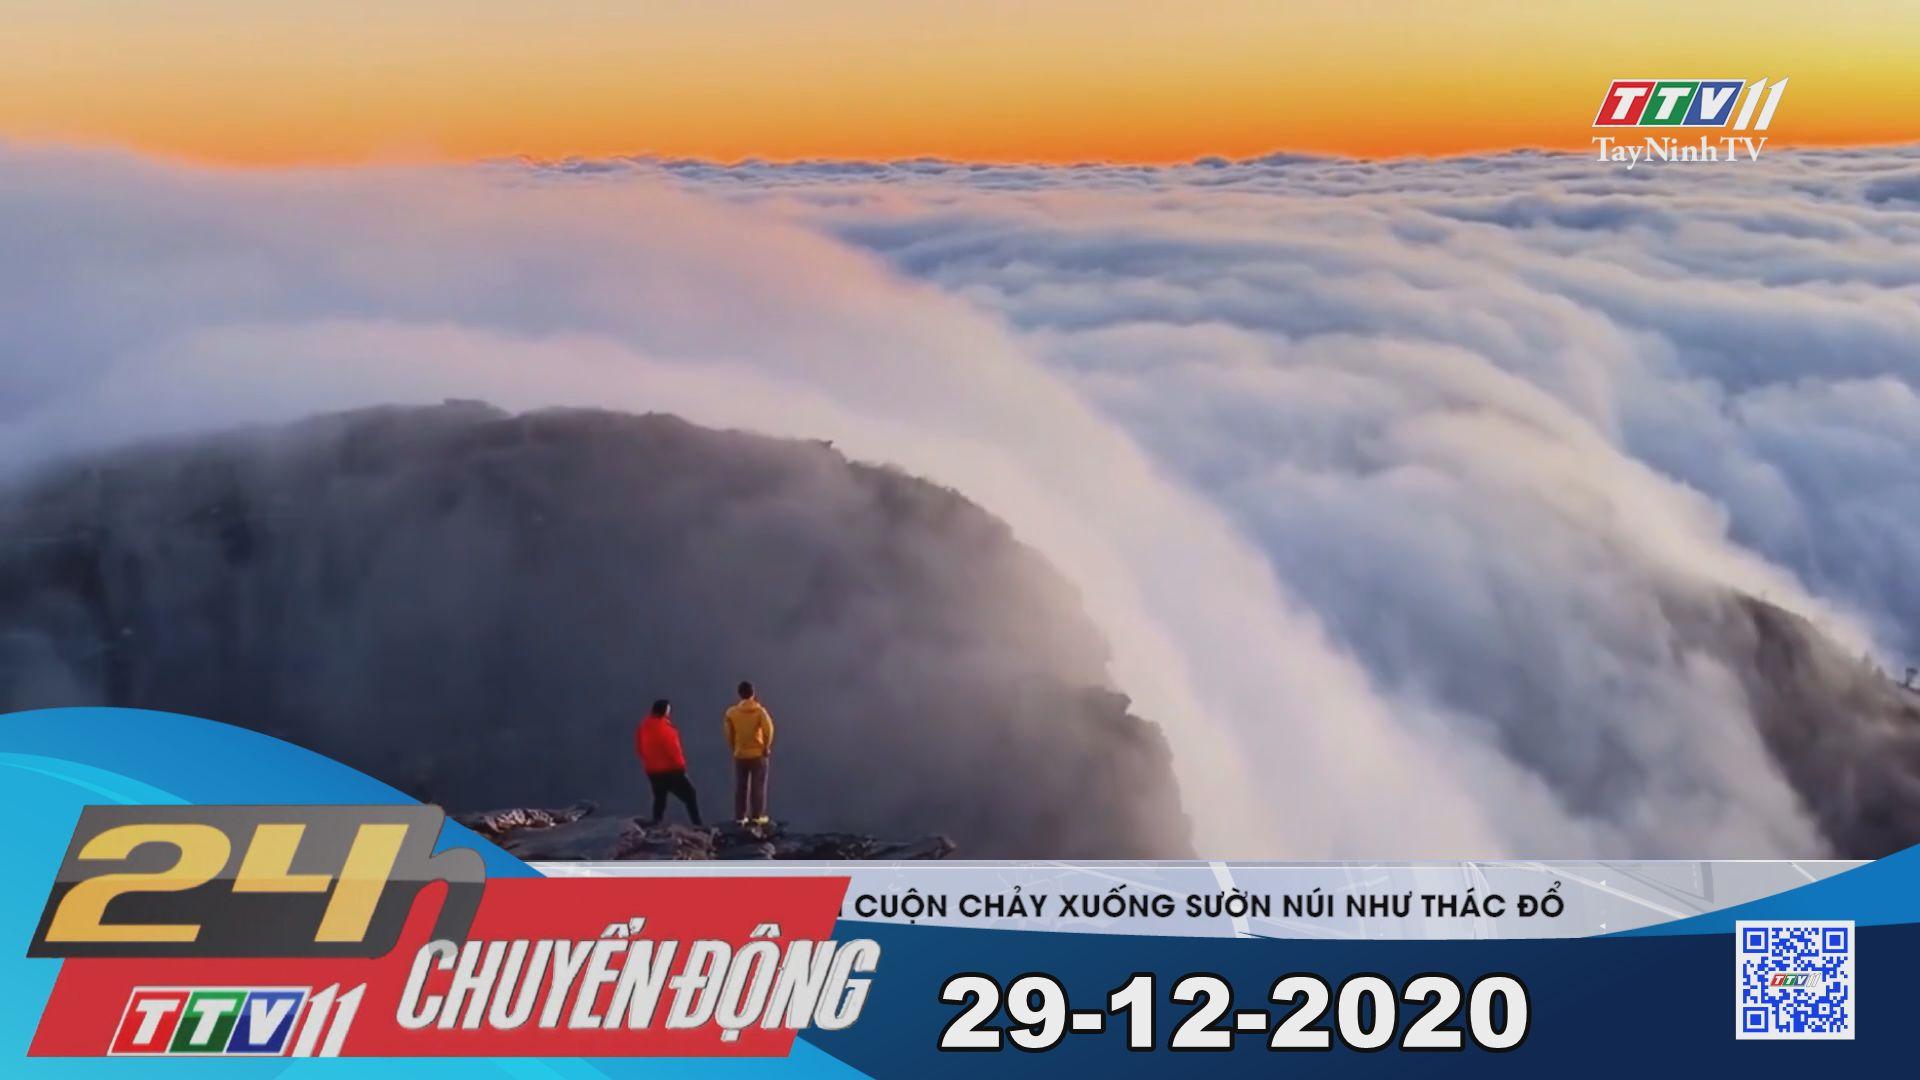 24h Chuyển động 29-12-2020 | Tin tức hôm nay | TayNinhTV